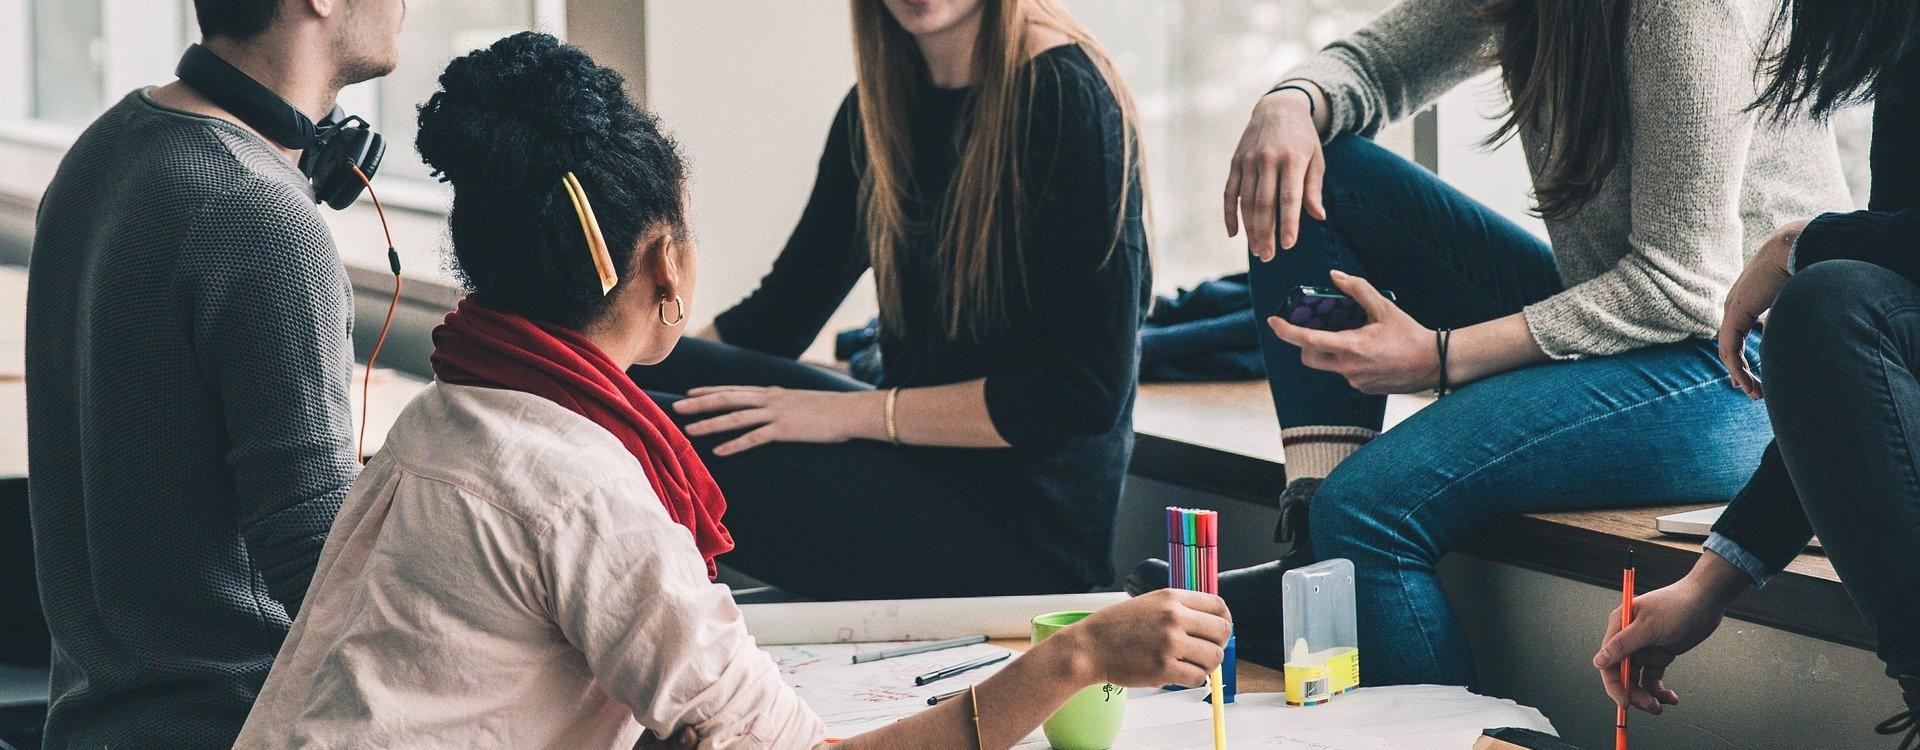 Symbolfoto Fortbildung: Diskussion in einer Arbeitsgruppe